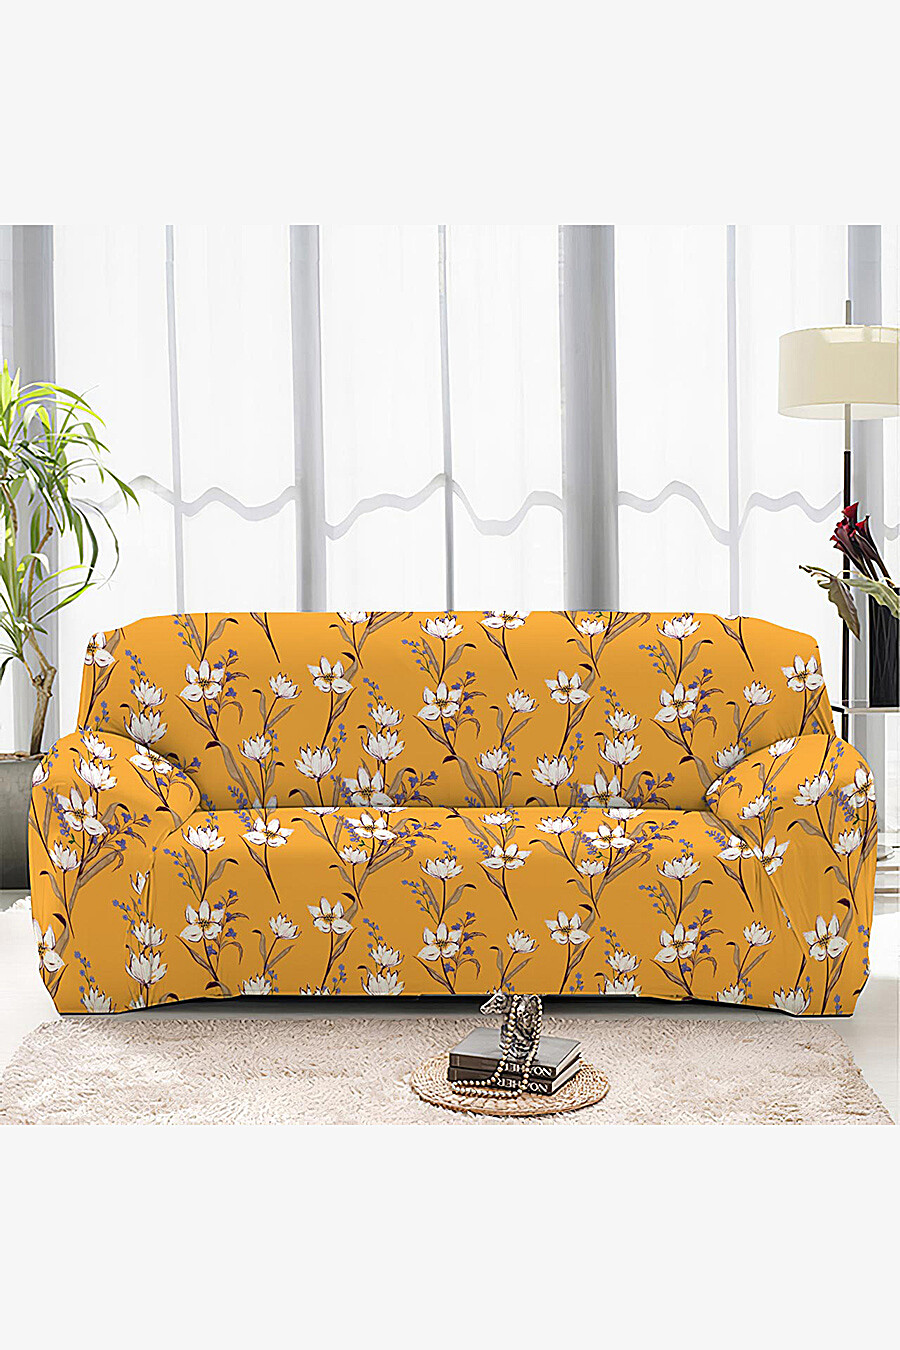 Чехол на диван для дома ART HOME TEXTILE 162837 купить оптом от производителя. Совместная покупка товаров для дома в OptMoyo